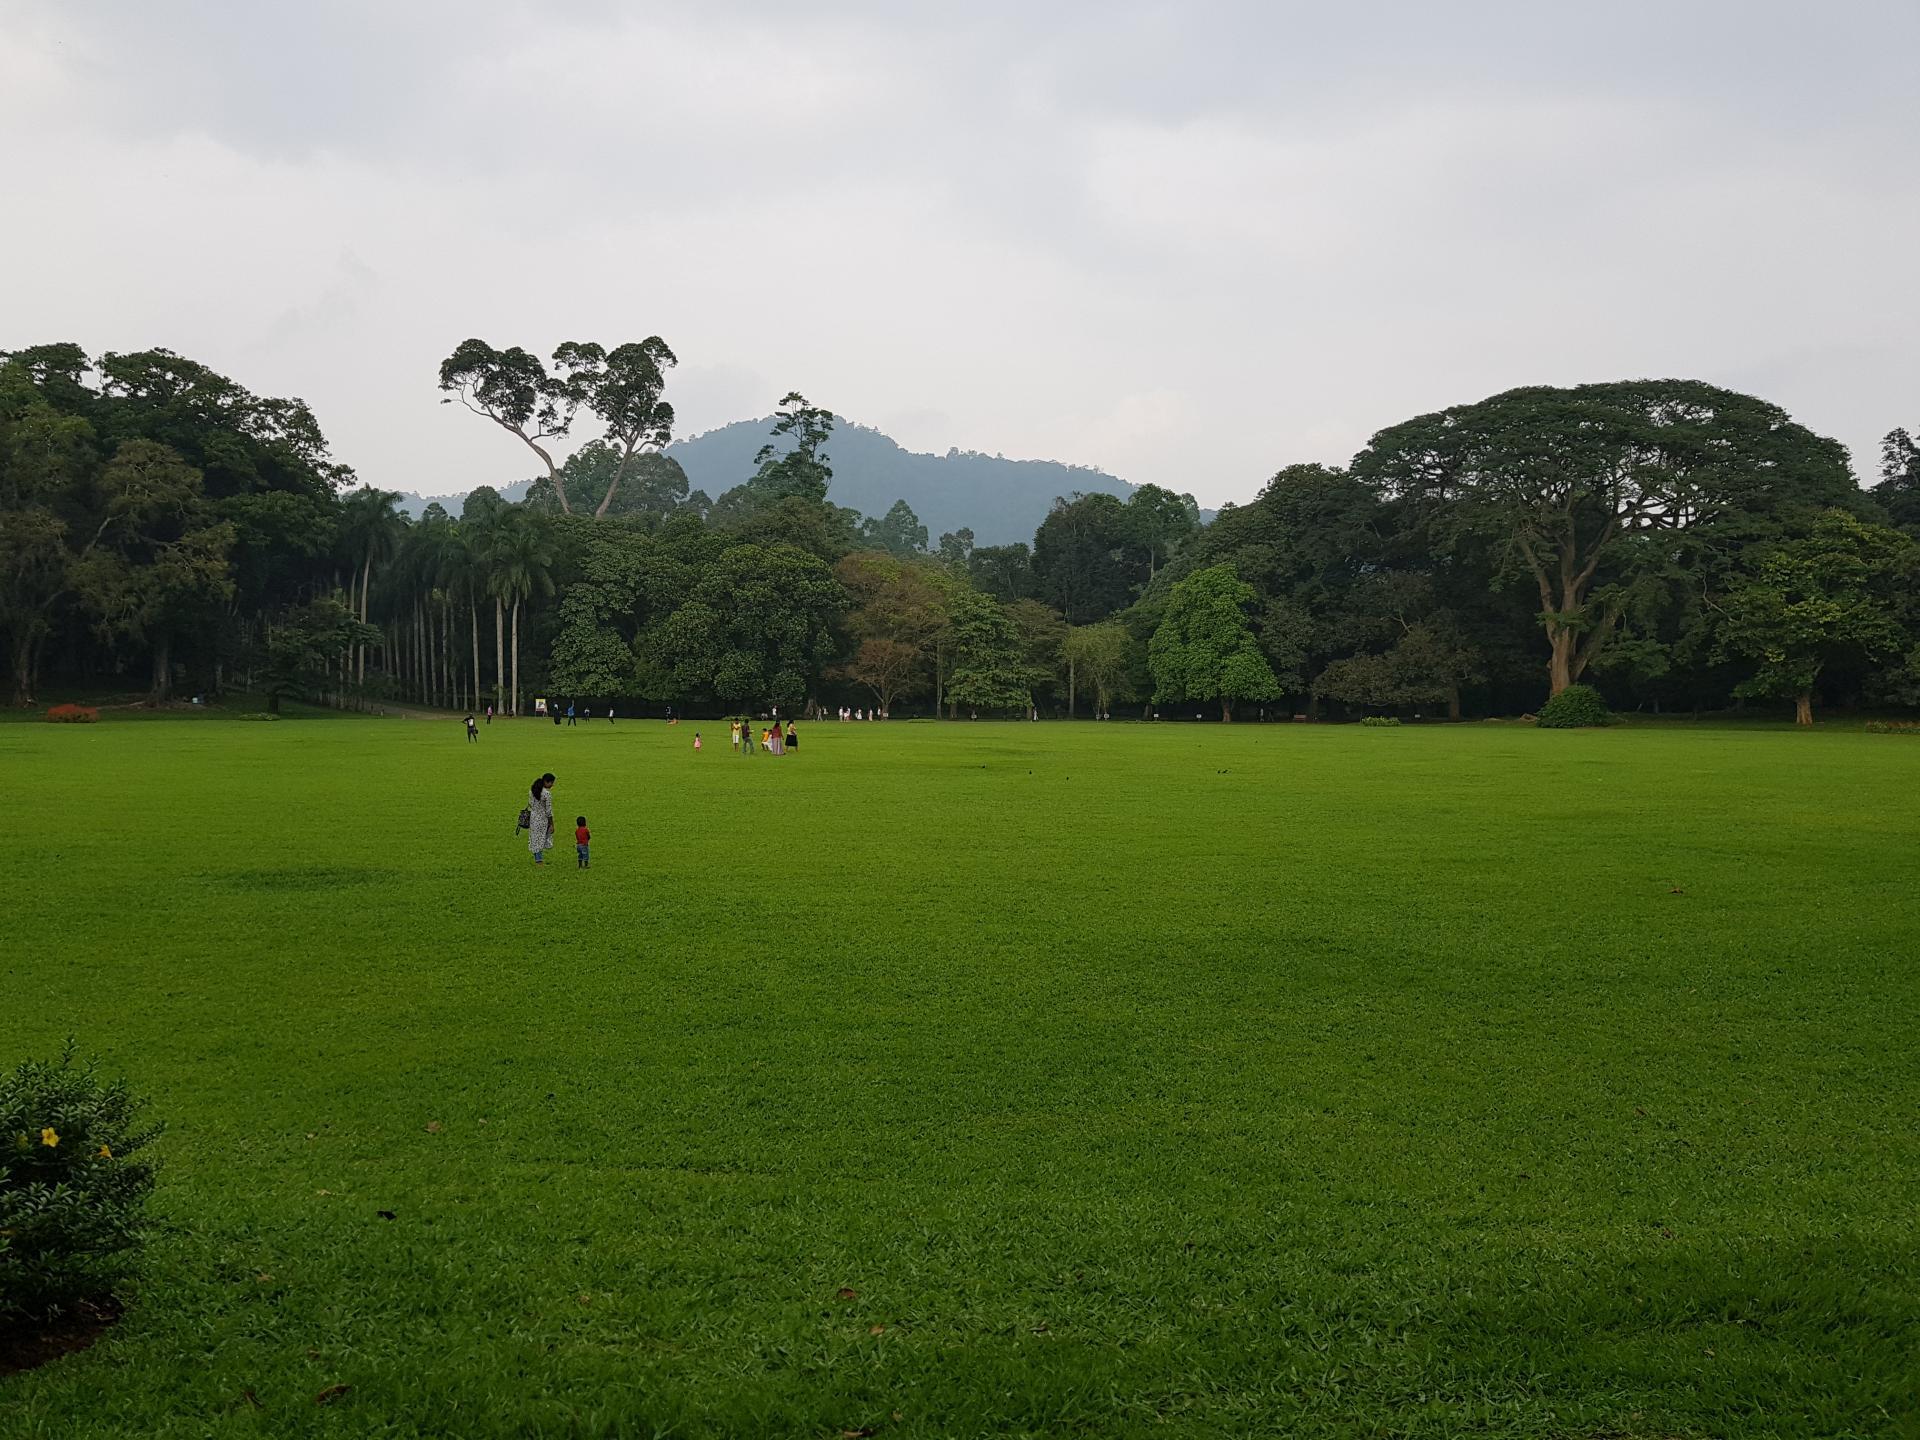 Большой круг в Ботаническом саду Канди, Шри-Ланка.